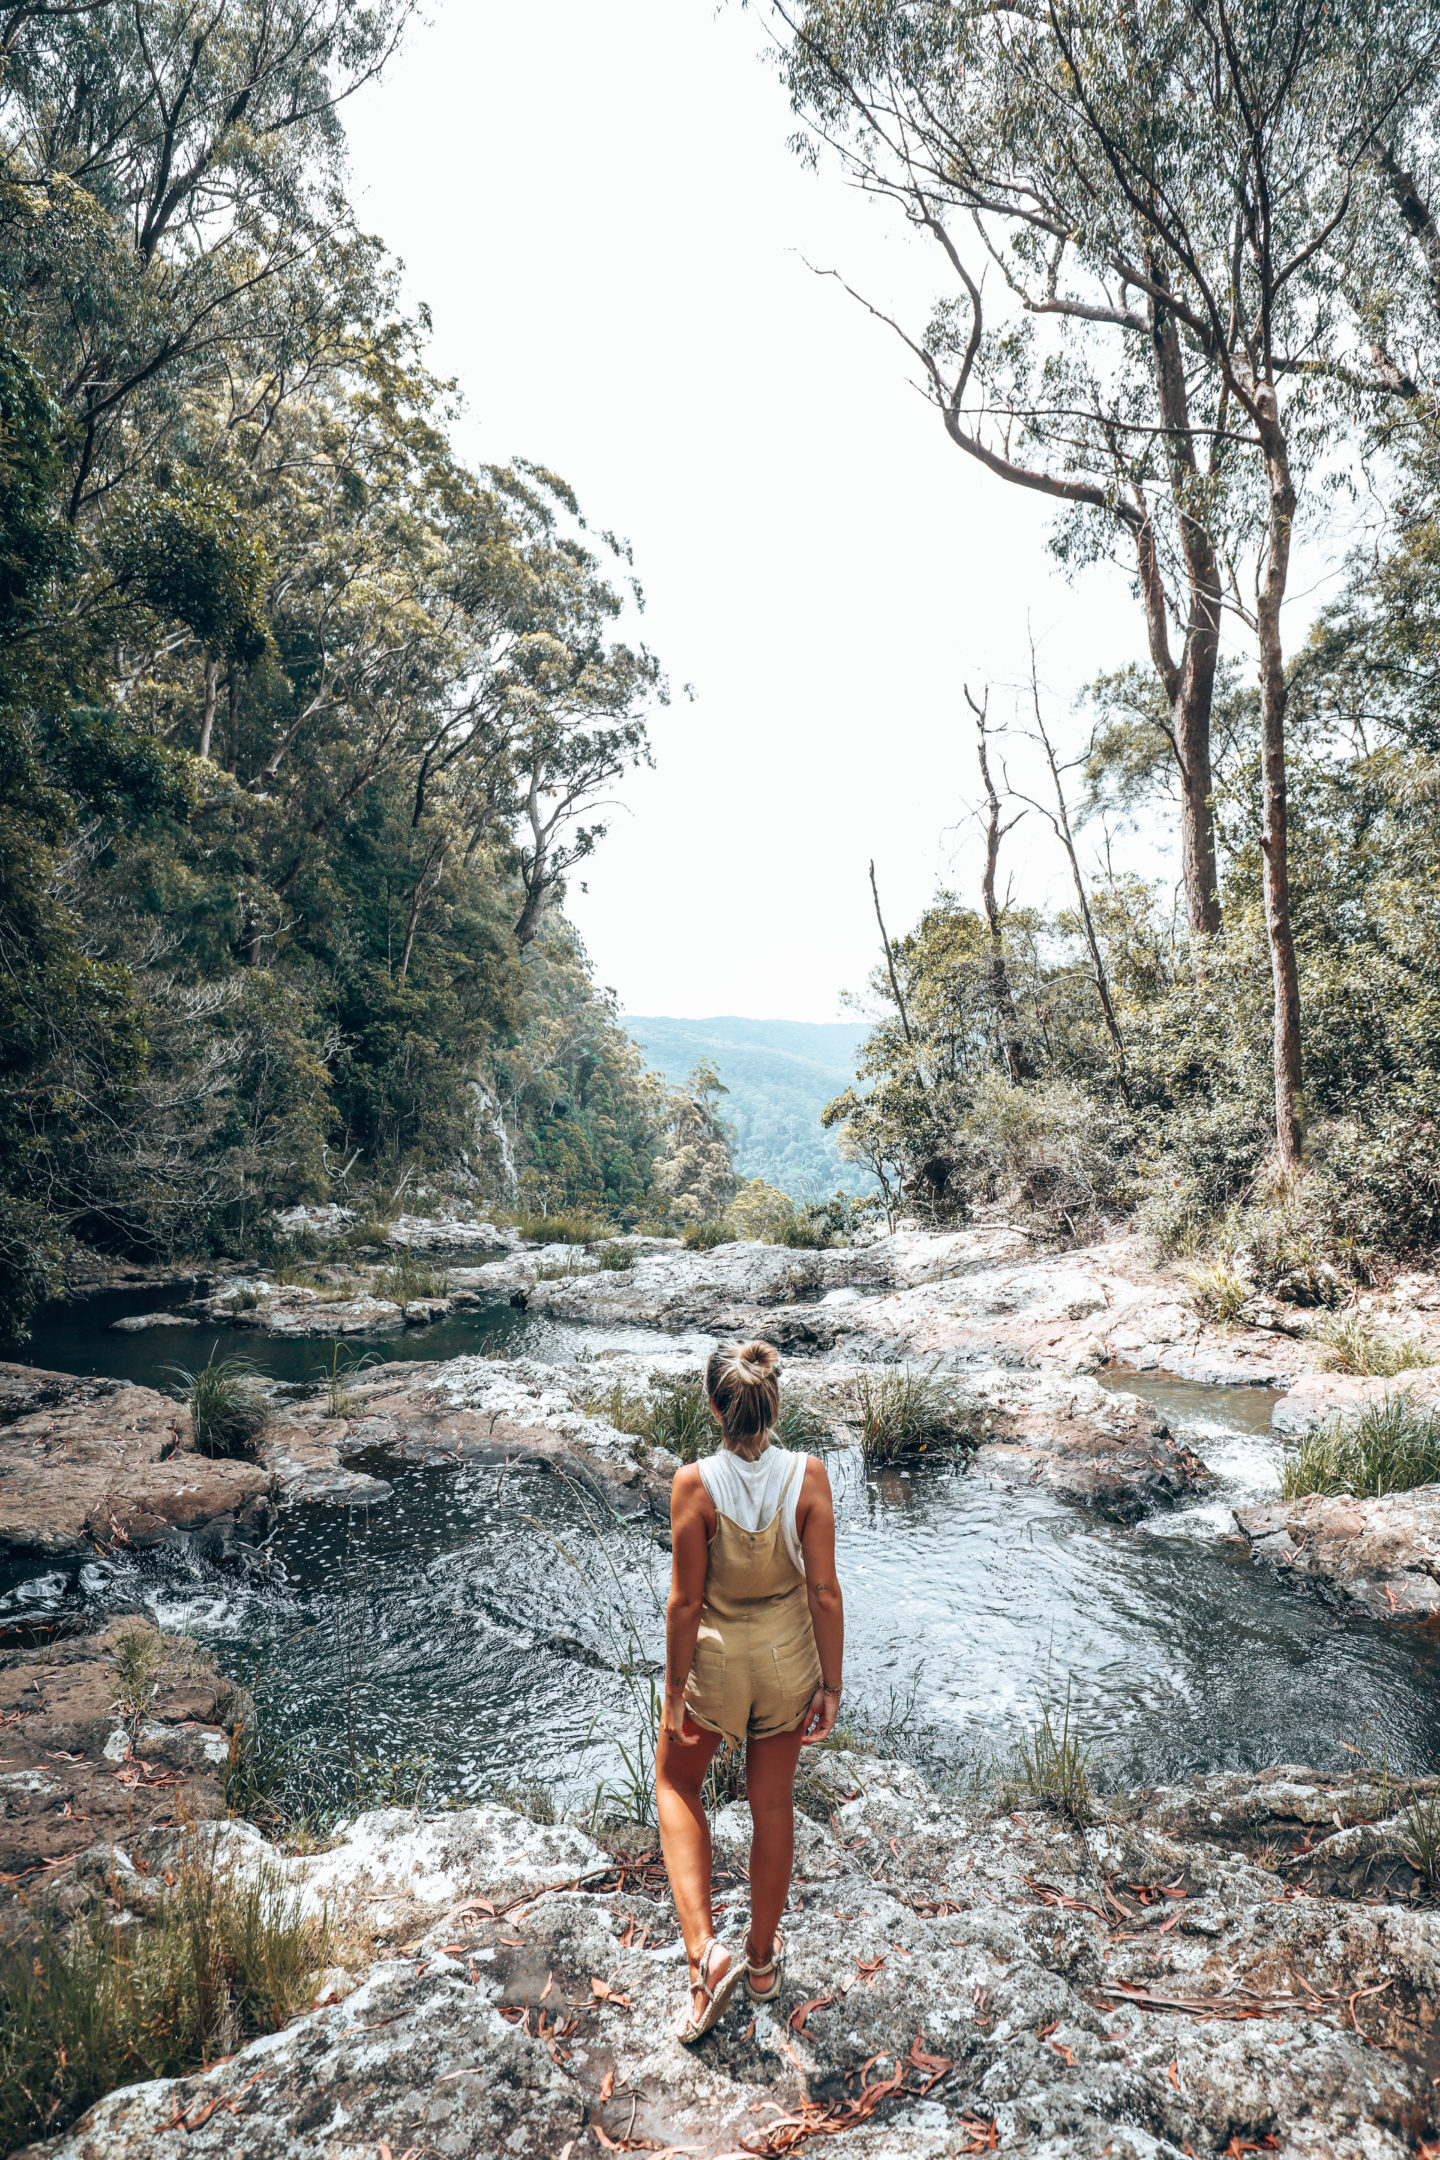 Springbrook National Park Australie - Blondie Baby blog mode et voyages